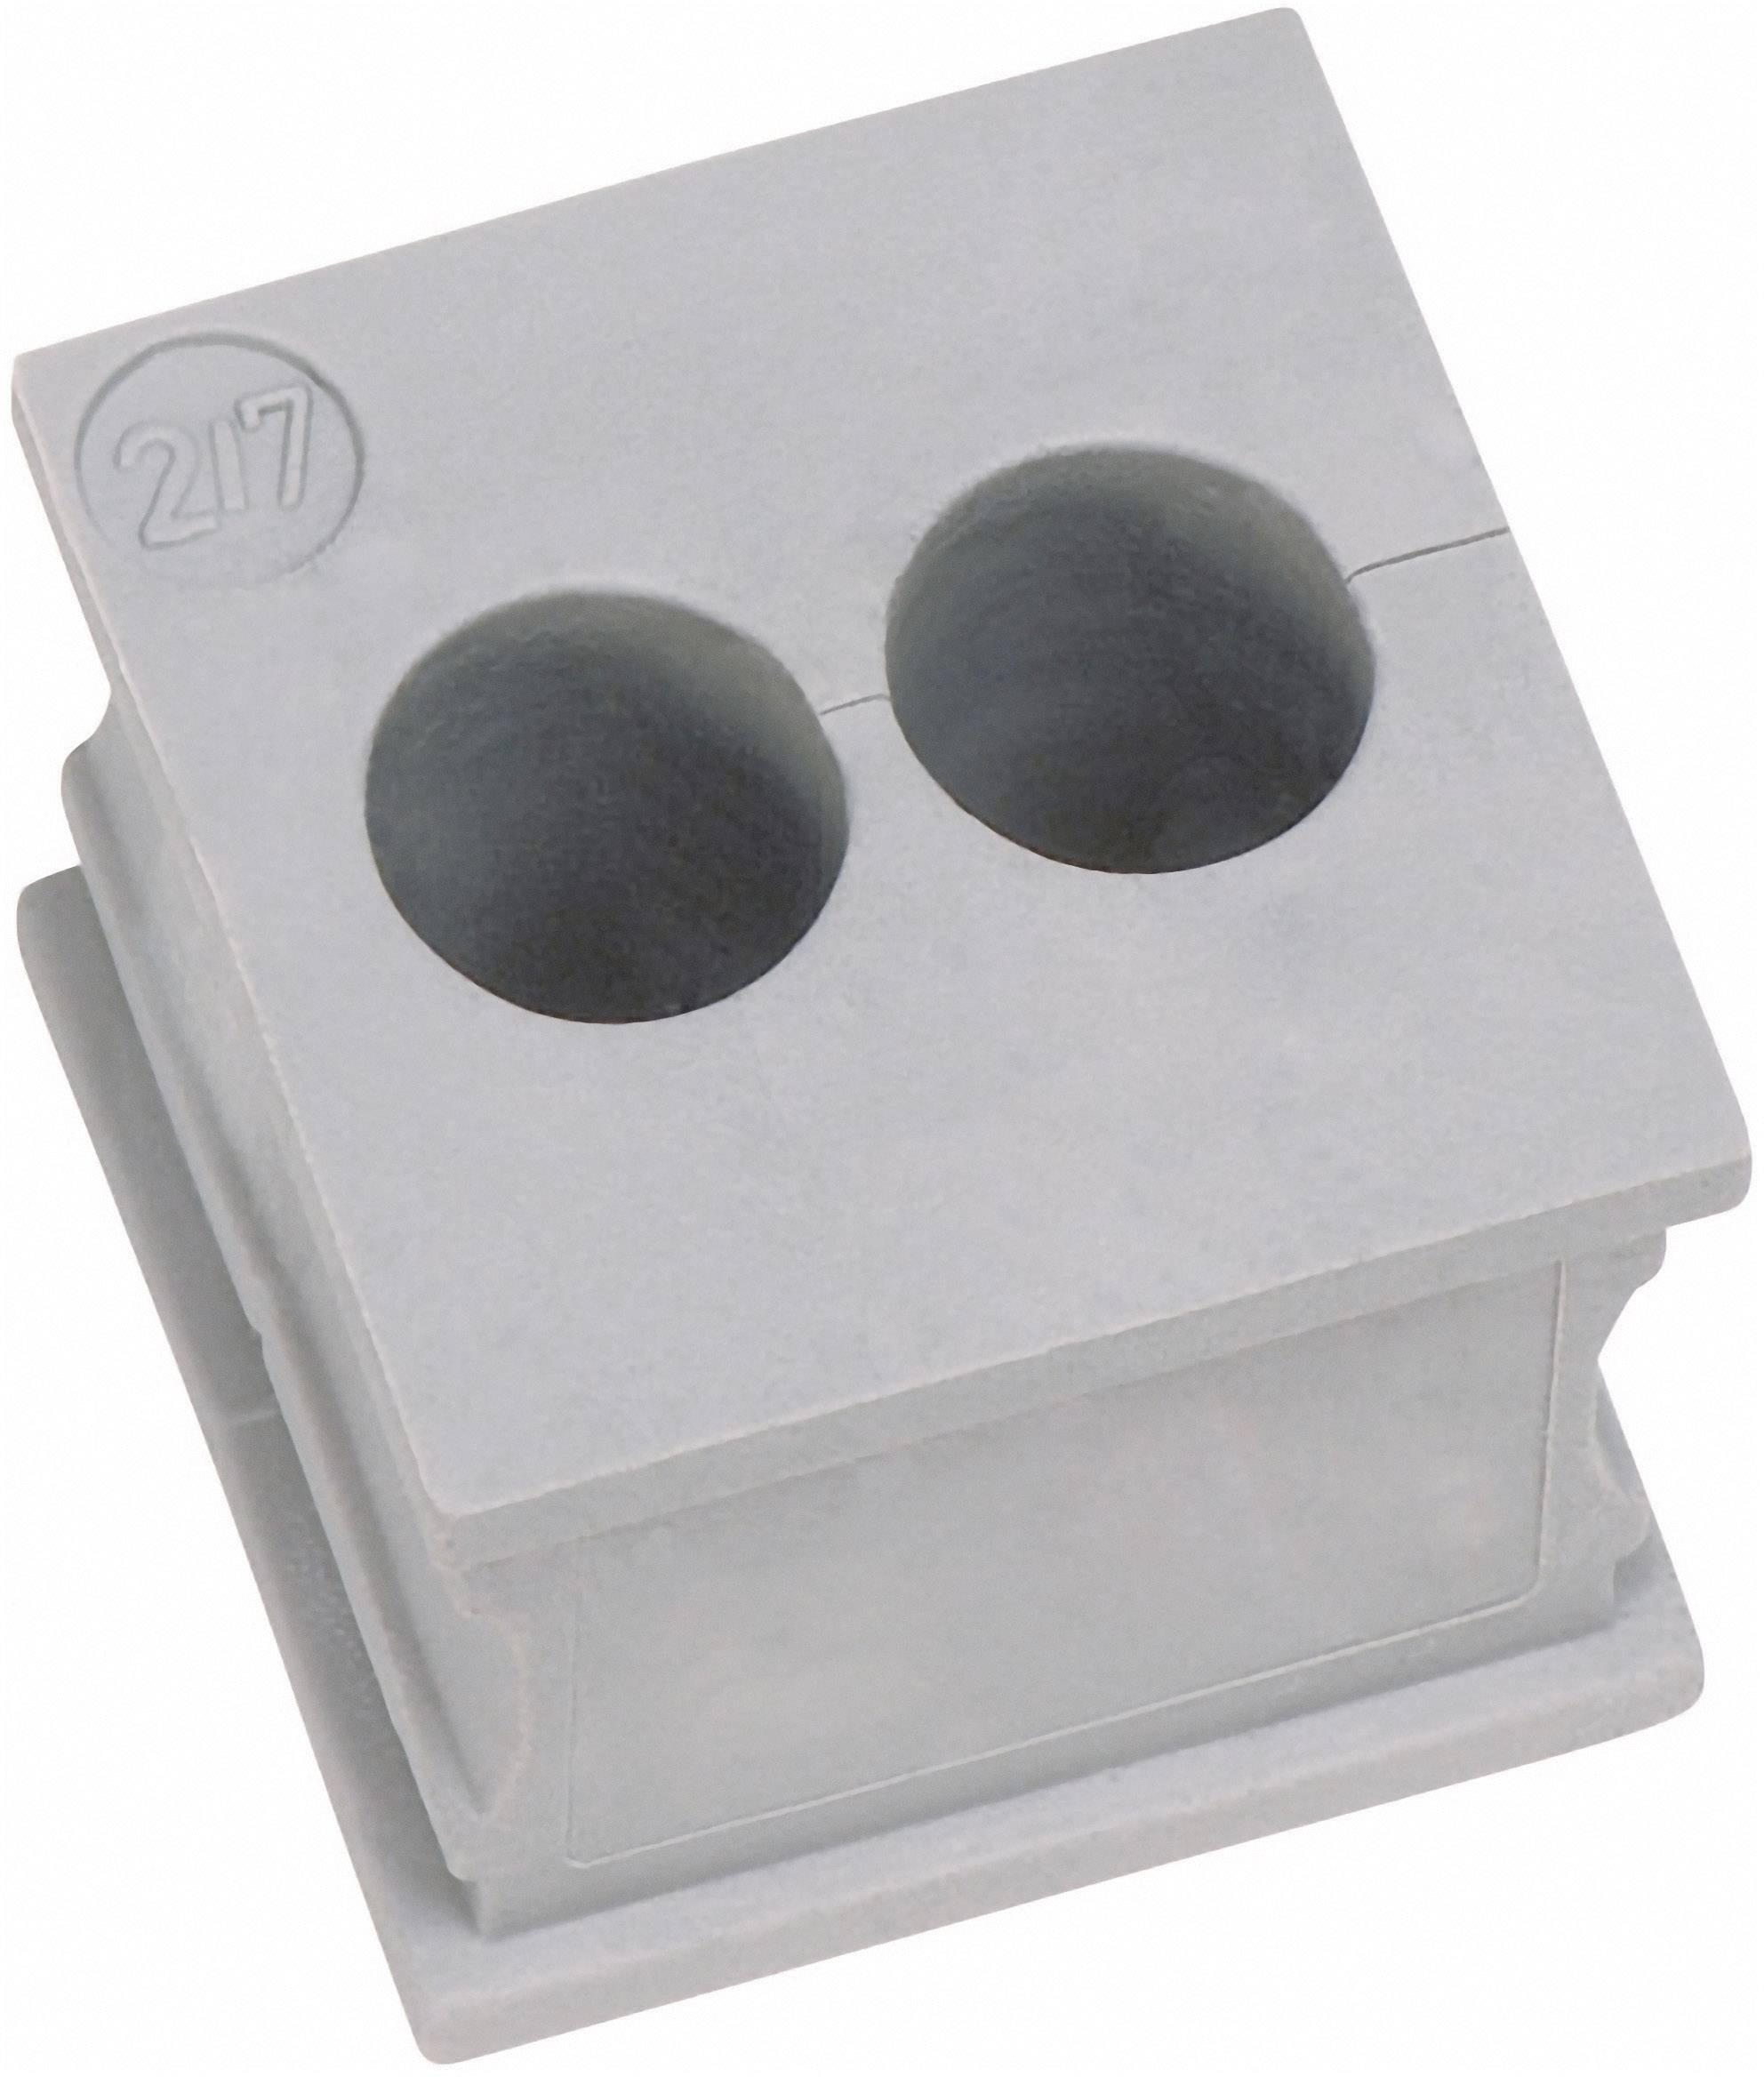 Icotek Kabelska kapa KT majhna, KT 2/4 za kabel- 2 x 4 mm, elastomer, siva